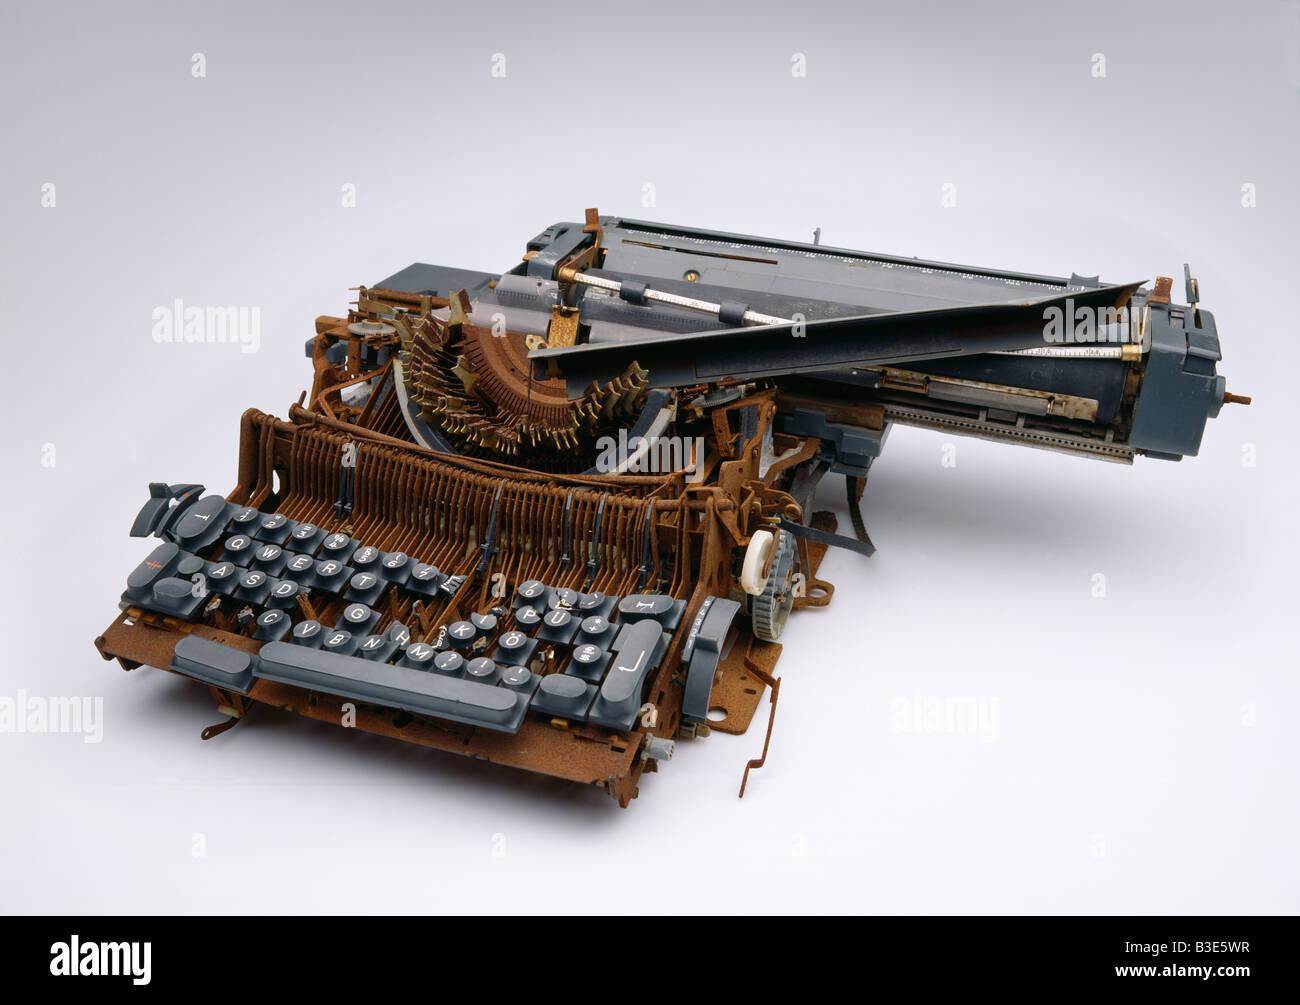 alte elektrische Schreibmaschine Alte Elektrische Schreibmaschine Schrott abgestürzt Stockbild